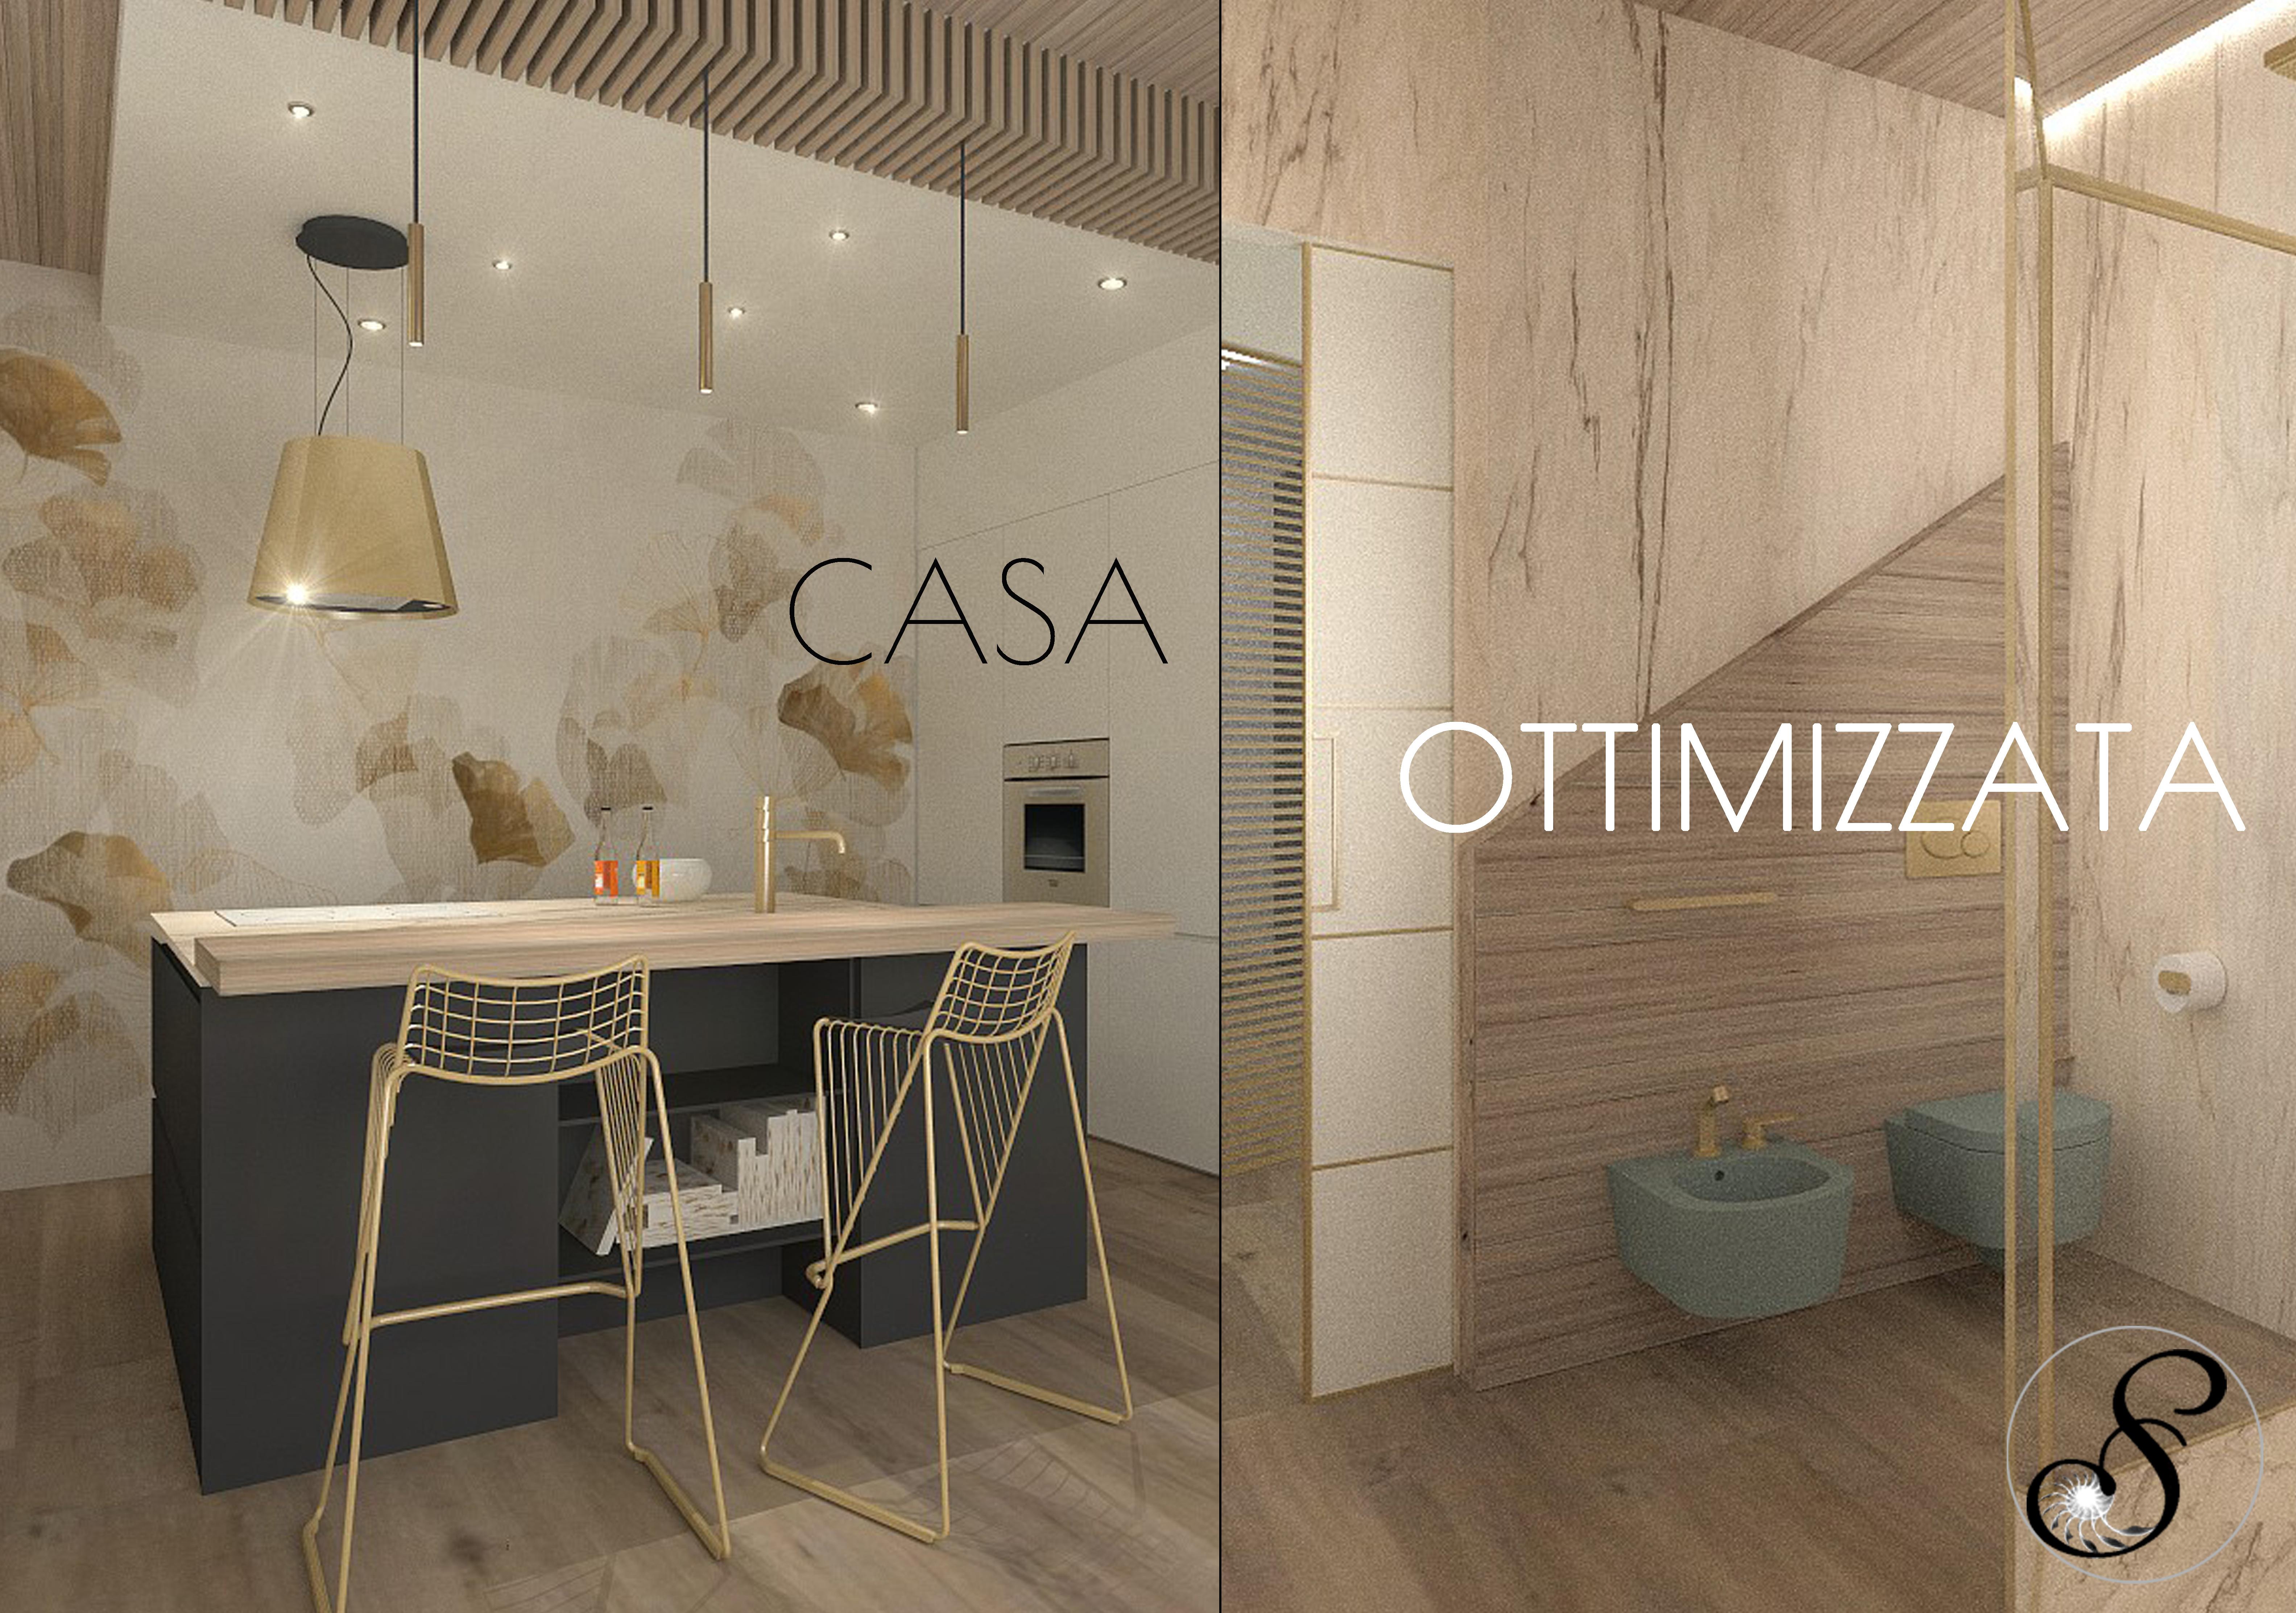 servizio-progettazione-interni-ristrutturazione-casa-ottimizzata